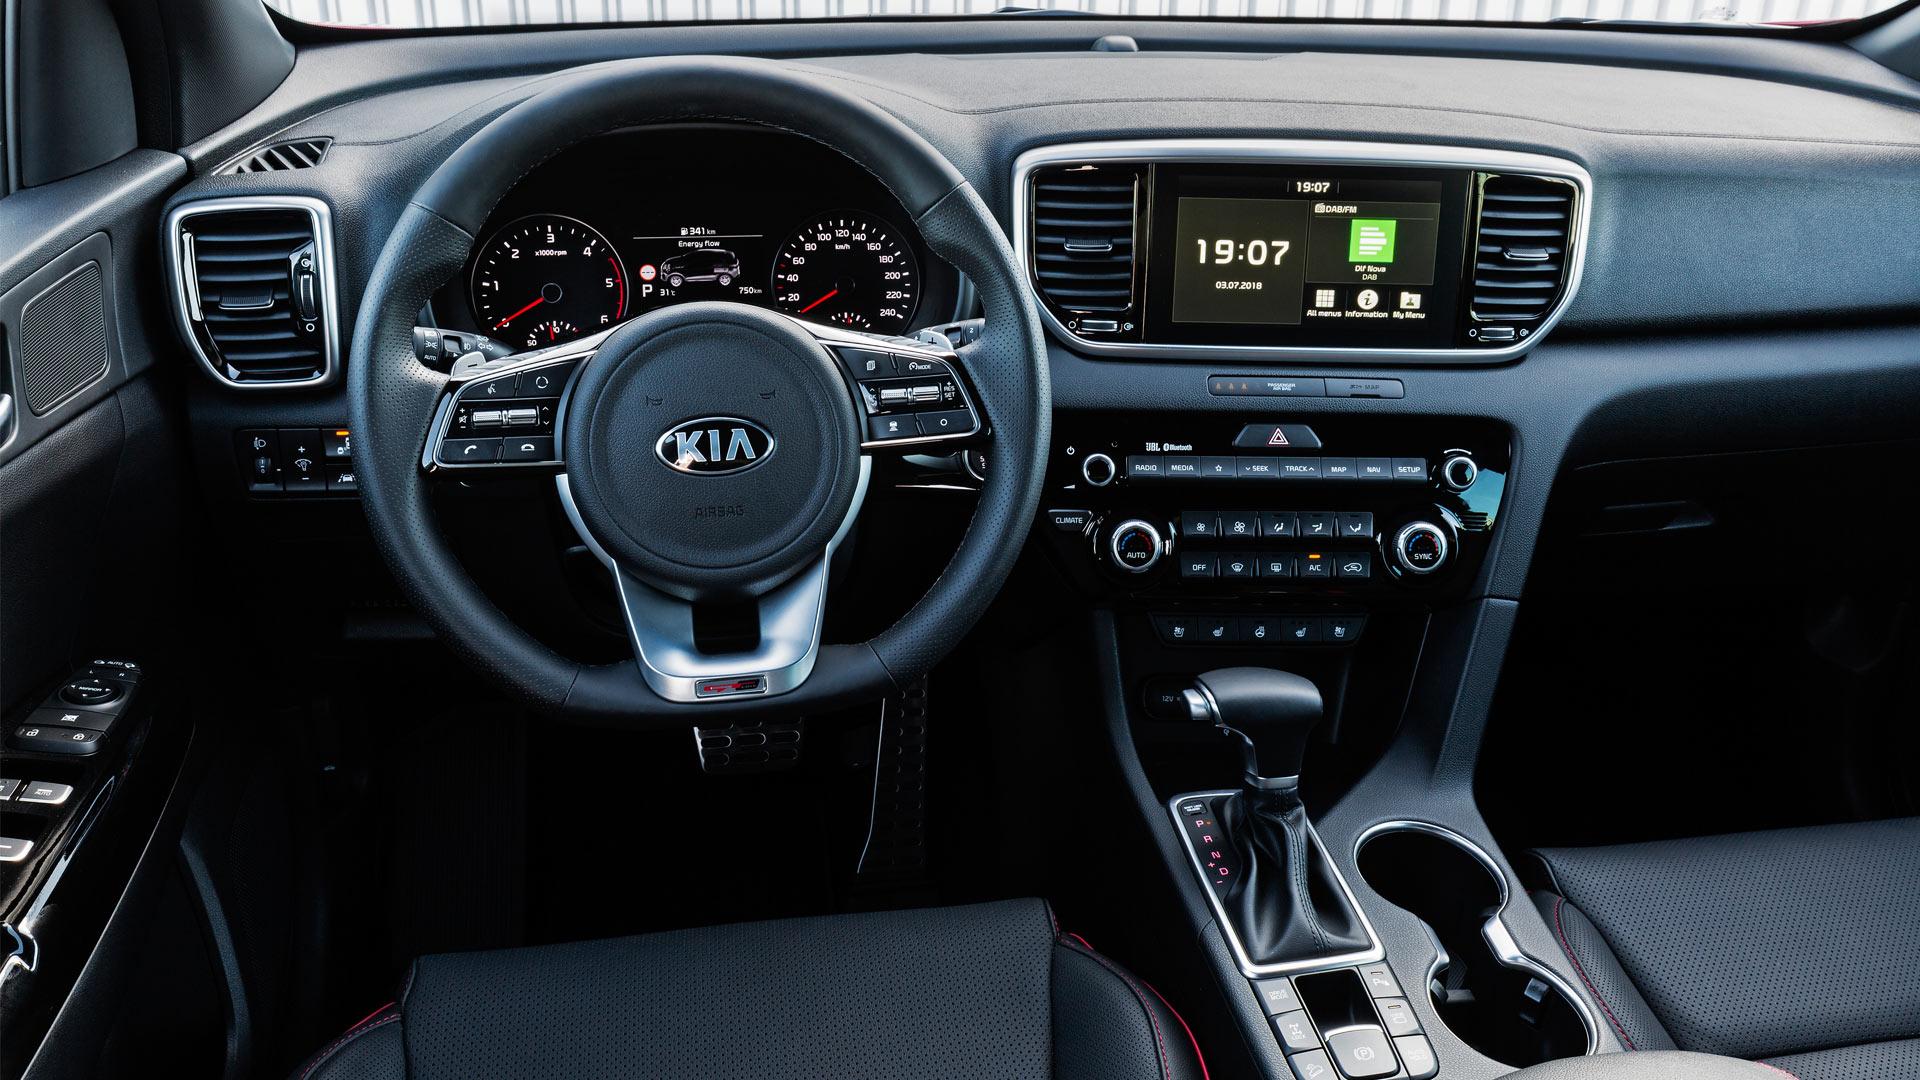 2018-Kia-Sportage-facelift-interior_2